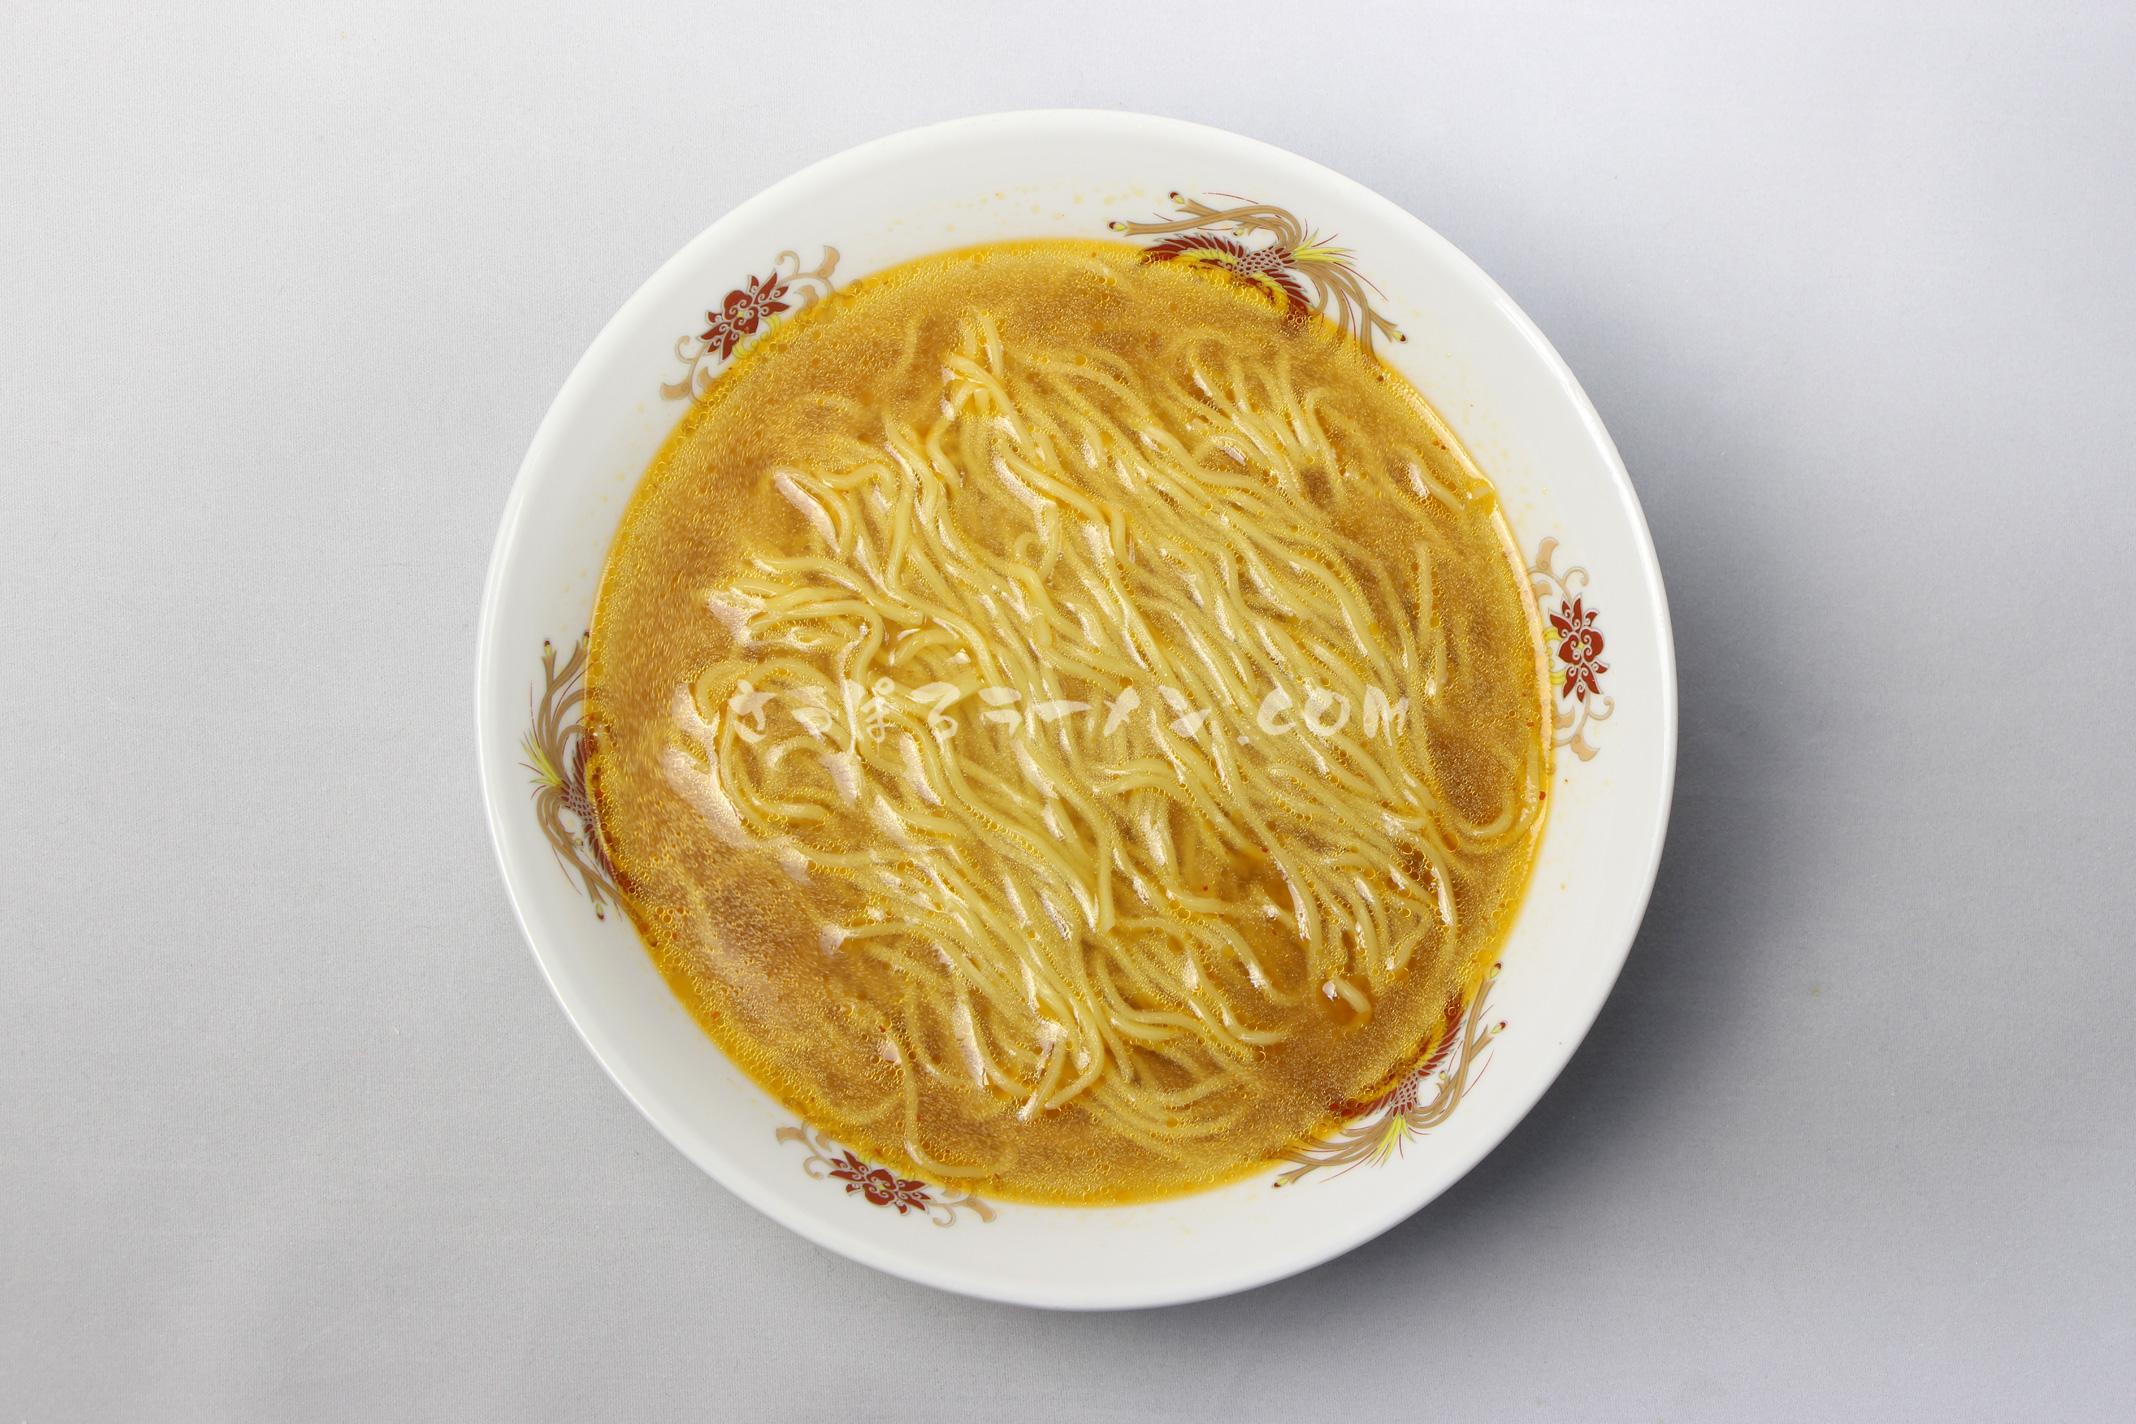 「北海道ラーメン札幌味噌」(藤原製麺)の完成画像